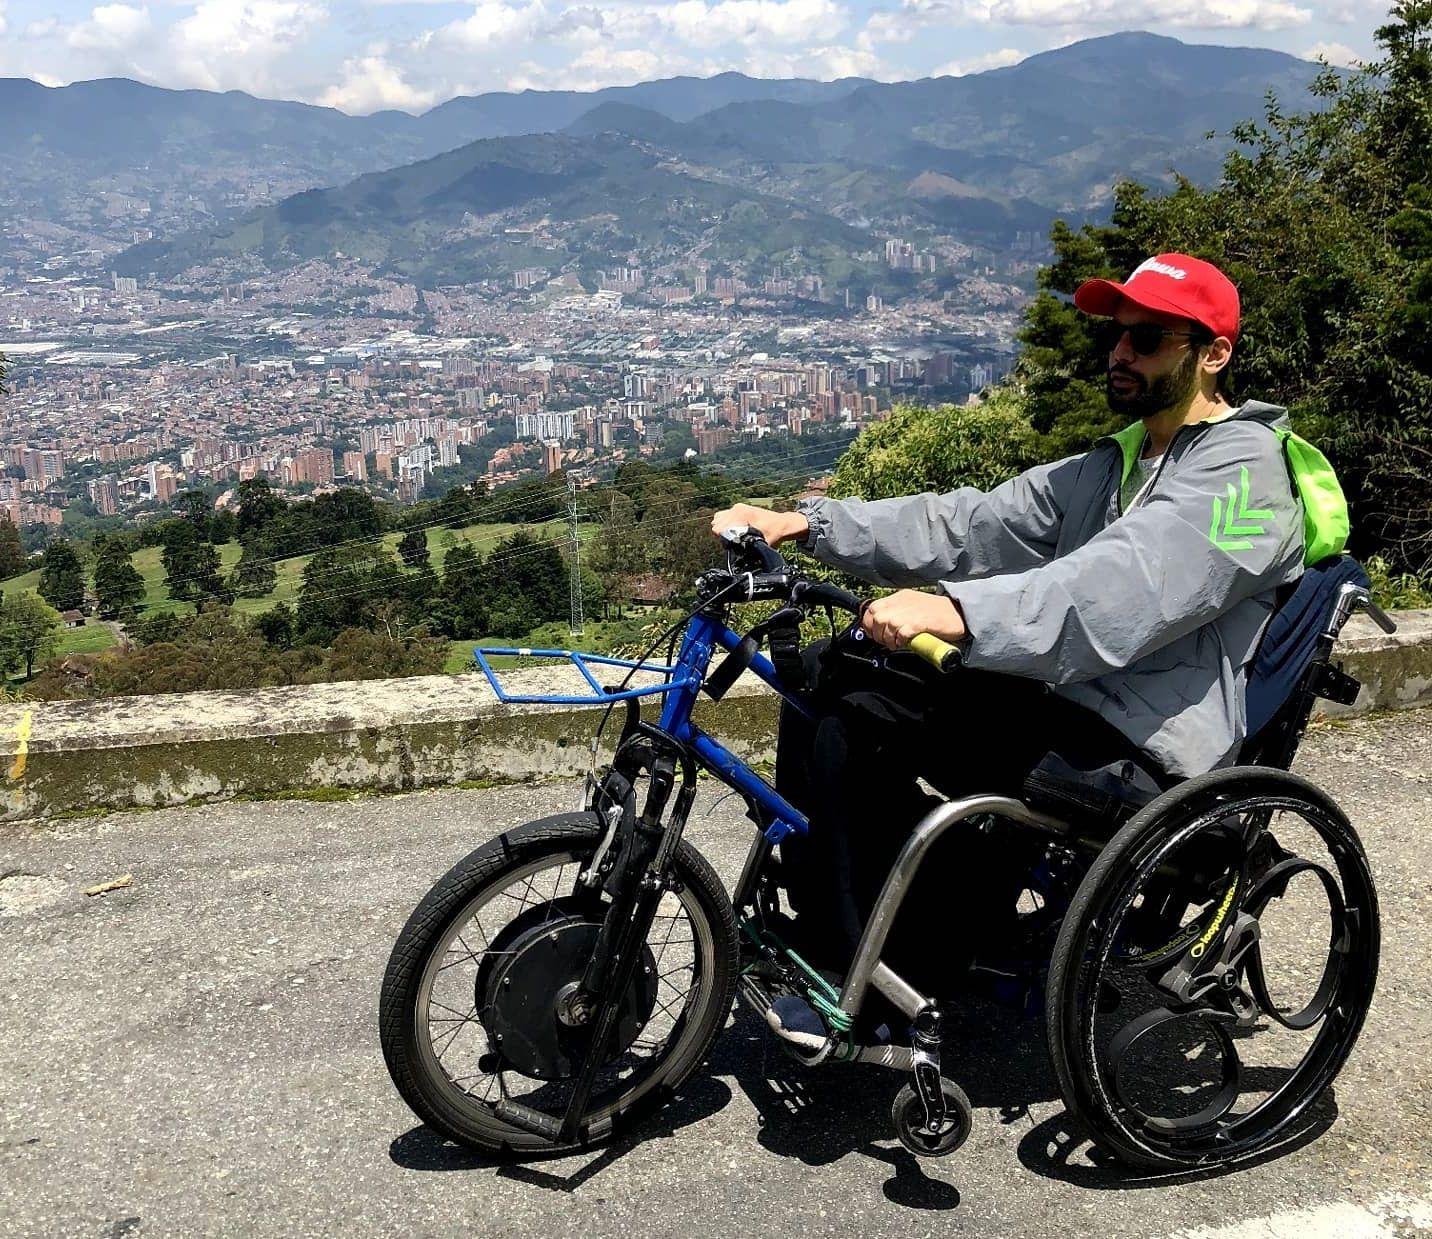 Άνθρωπος σε ηλεκτρικό αναπηρικό αμαξίδιο